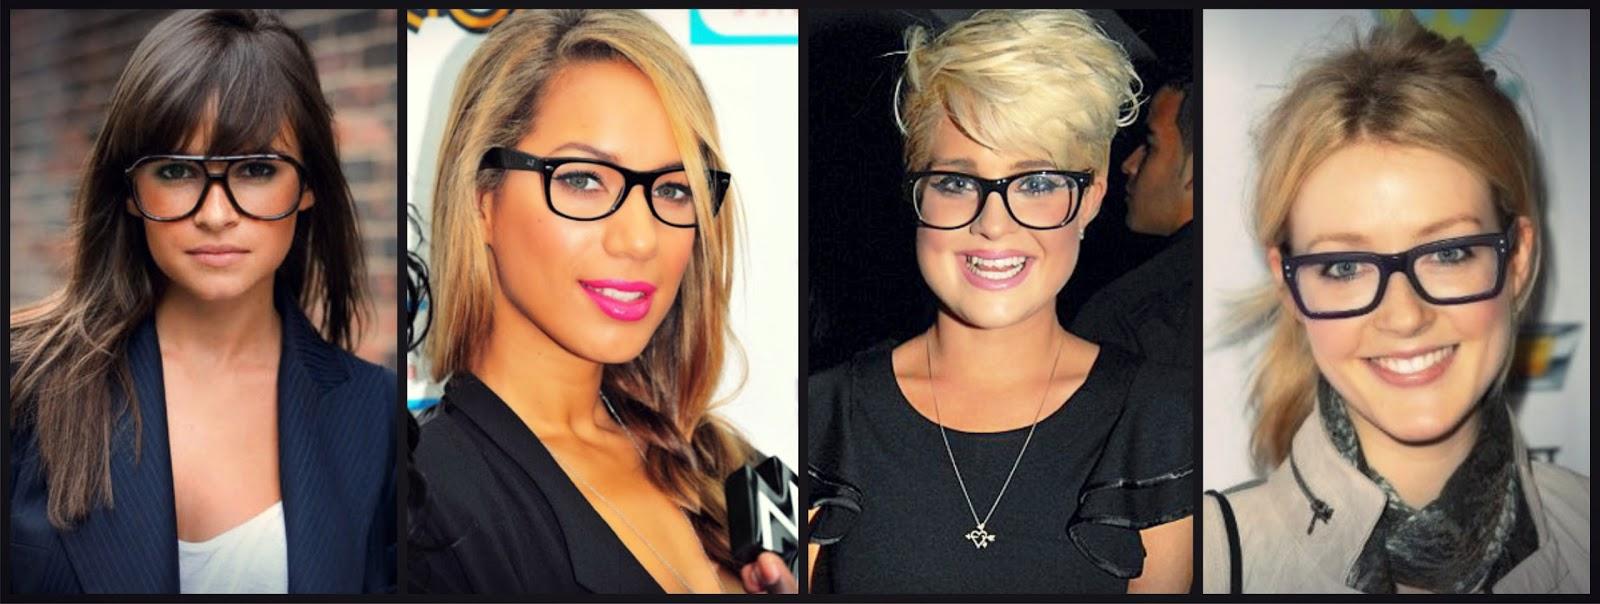 f766f968b Mas não é tão ruim assim, pois os óculos se tornaram um acessório que, se  bem combinado, traz mais estilo e beleza para nós!